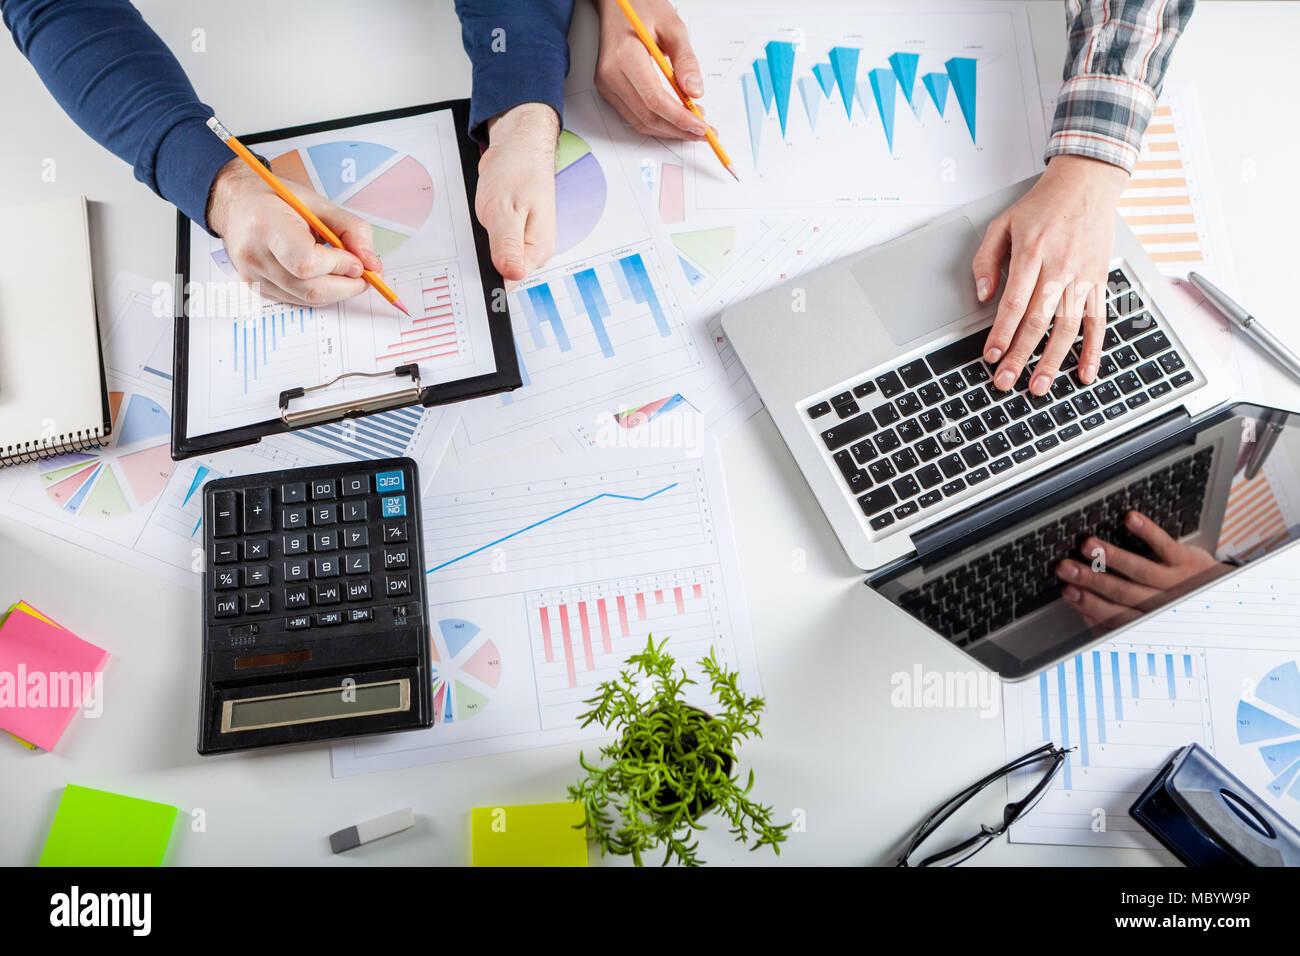 Il mercato azionario grafico e puntare il dito Immagini Stock